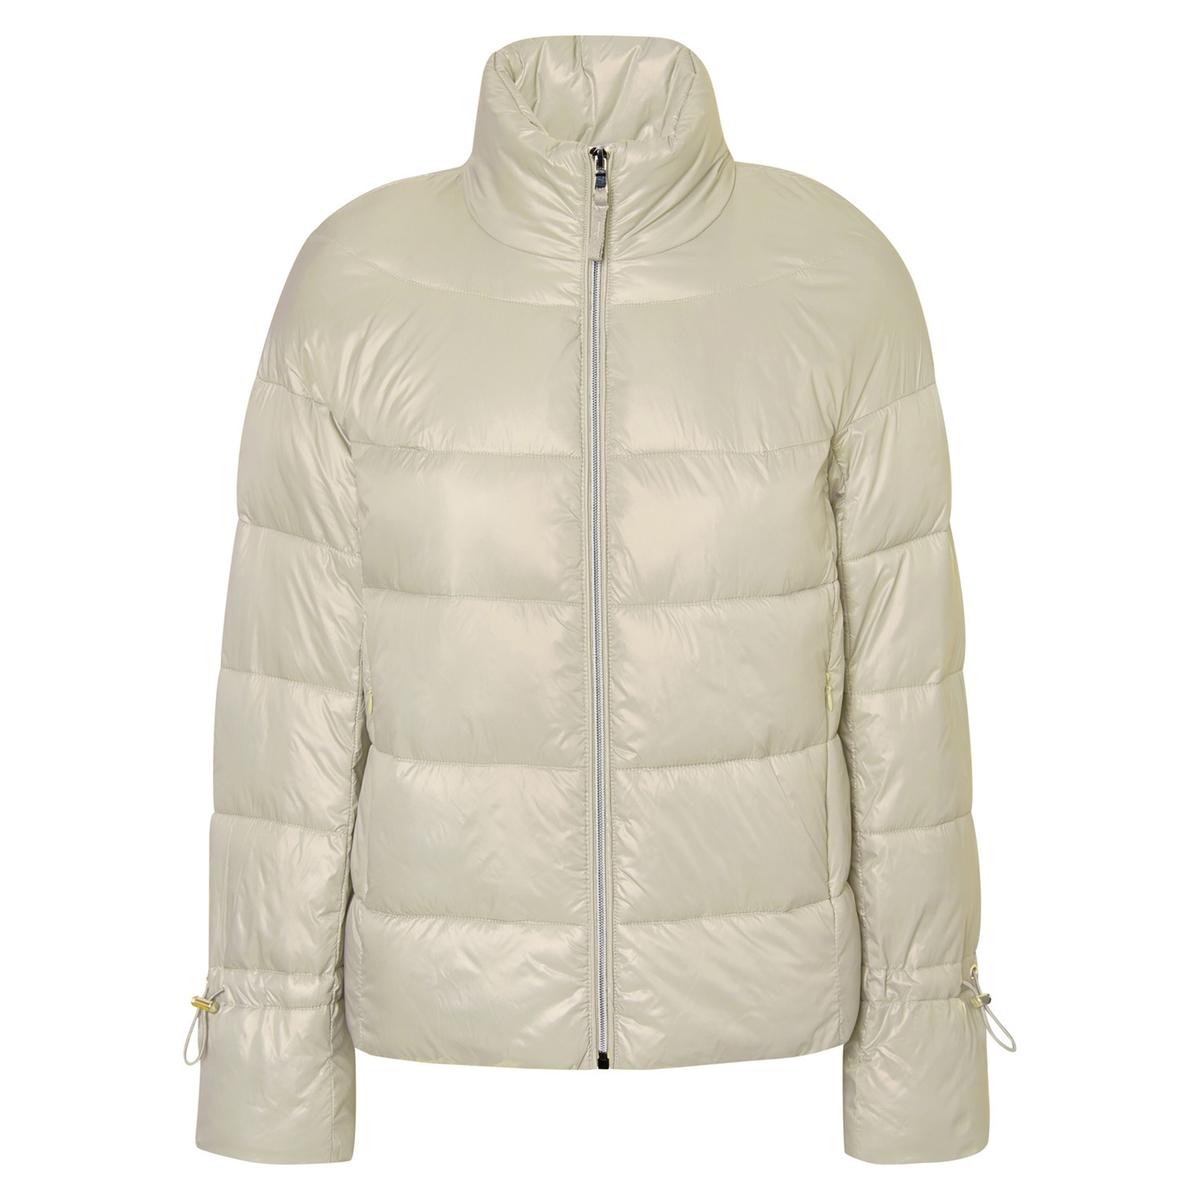 Куртка стеганаяОписание:Детали •  Длина  : укороченная   •  Воротник-стойка •  Застежка на молниюСостав и уход •  100% полиамид •  Следуйте рекомендациям по уходу, указанным на этикетке изделия<br><br>Цвет: бежевый экрю<br>Размер: M.S.XL